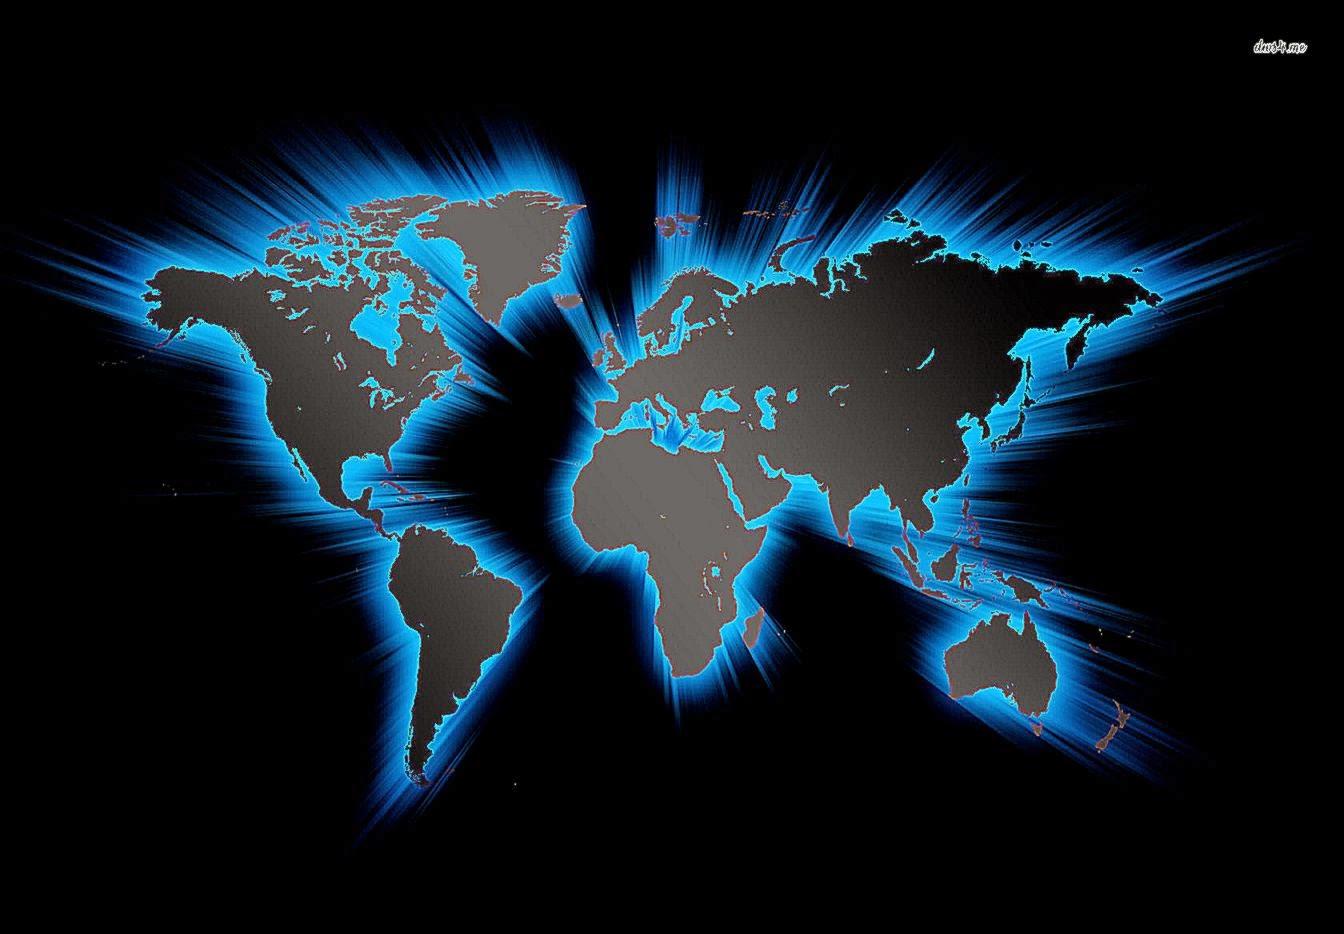 creative digital art 3d world map globe wallpaper